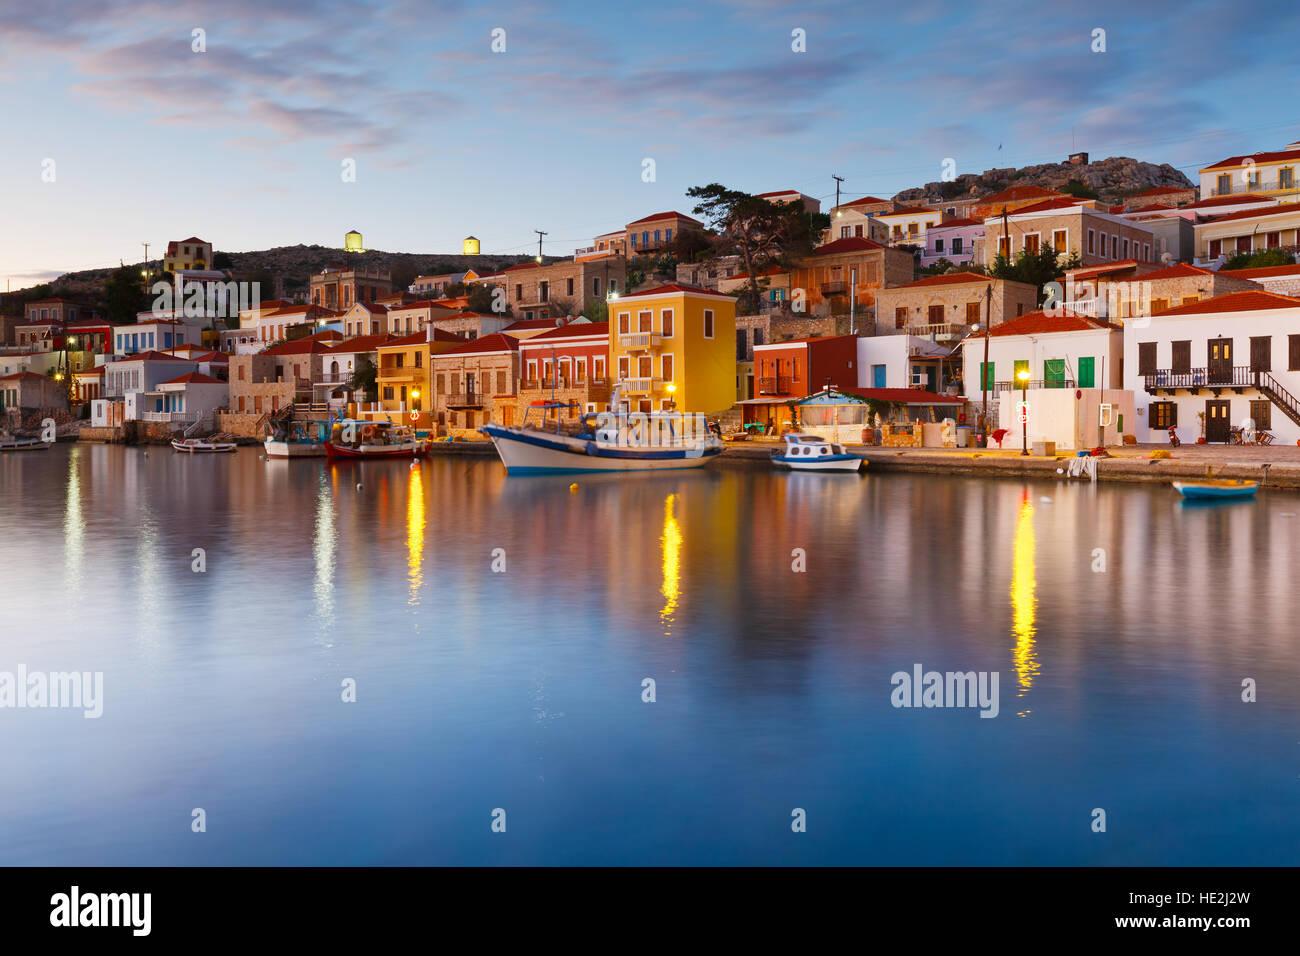 Blick auf Chalki Dorf und seinen Hafen, Griechenland. Stockbild